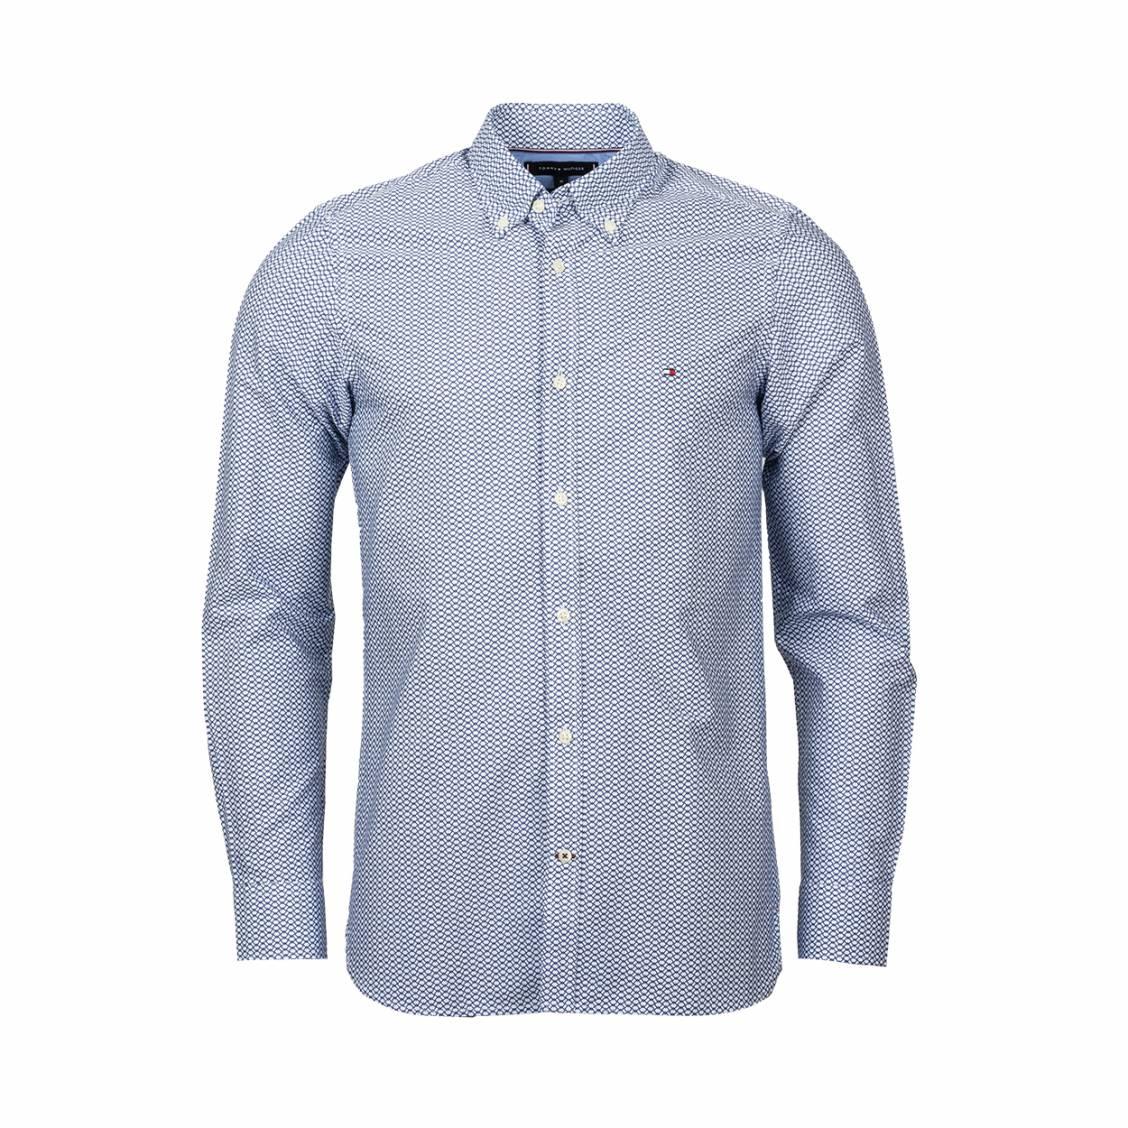 Chemise coupe droite Tommy Hilfiger en coton blanc à motifs graphiques bleu marine